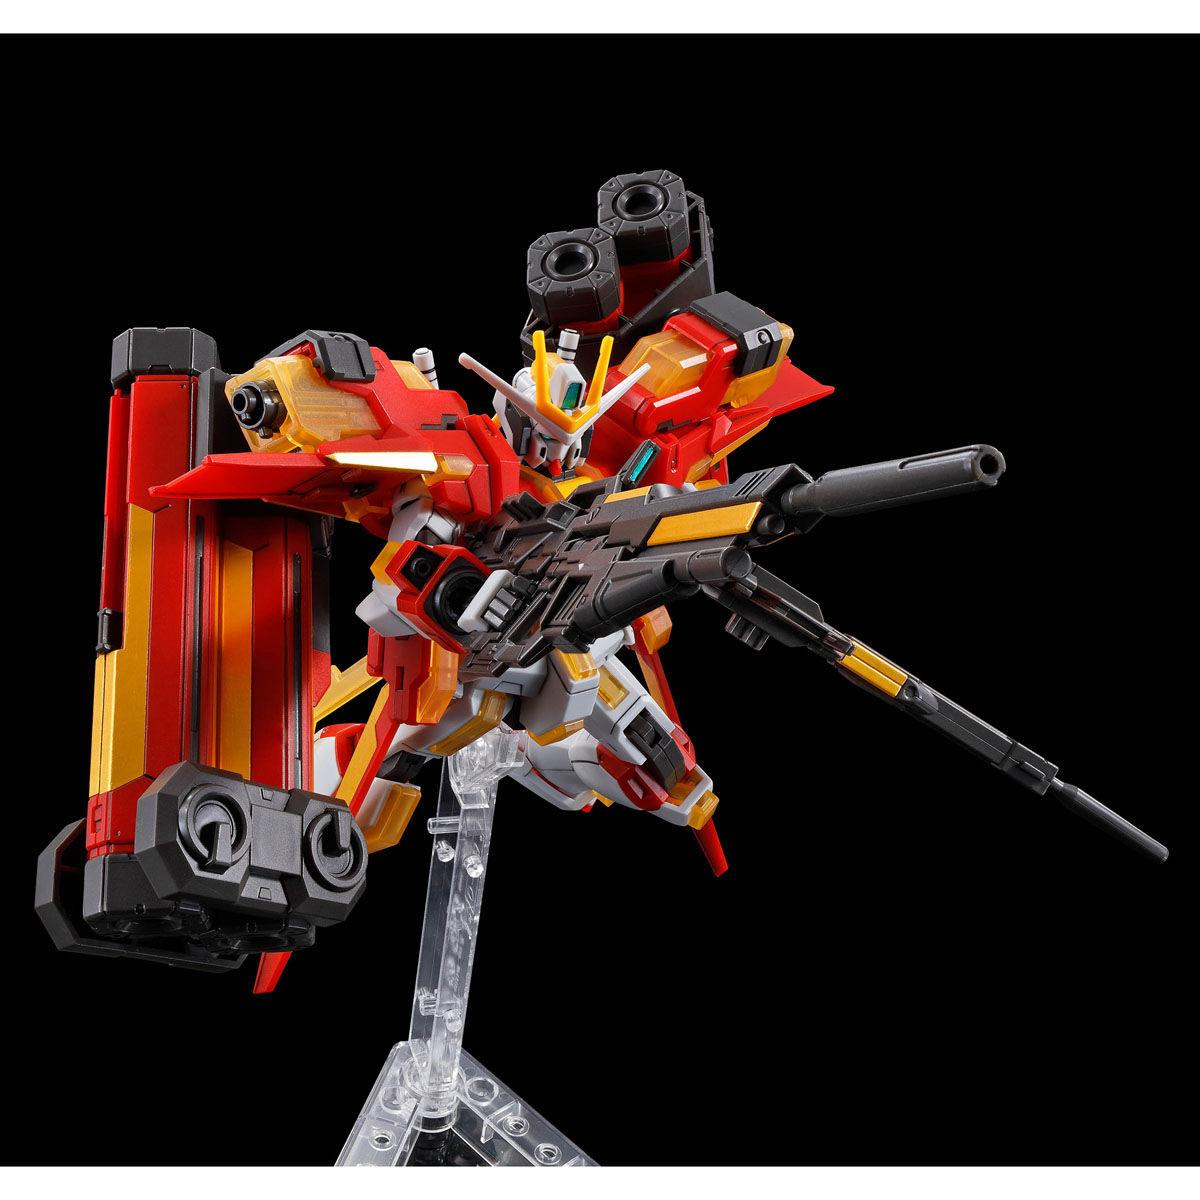 【限定販売】【2次予約】HG 1/144『エクストリームガンダム(type-レオス) エクリプス・フェース』機動戦士ガンダム EXTREME VS.  プラモデル-004